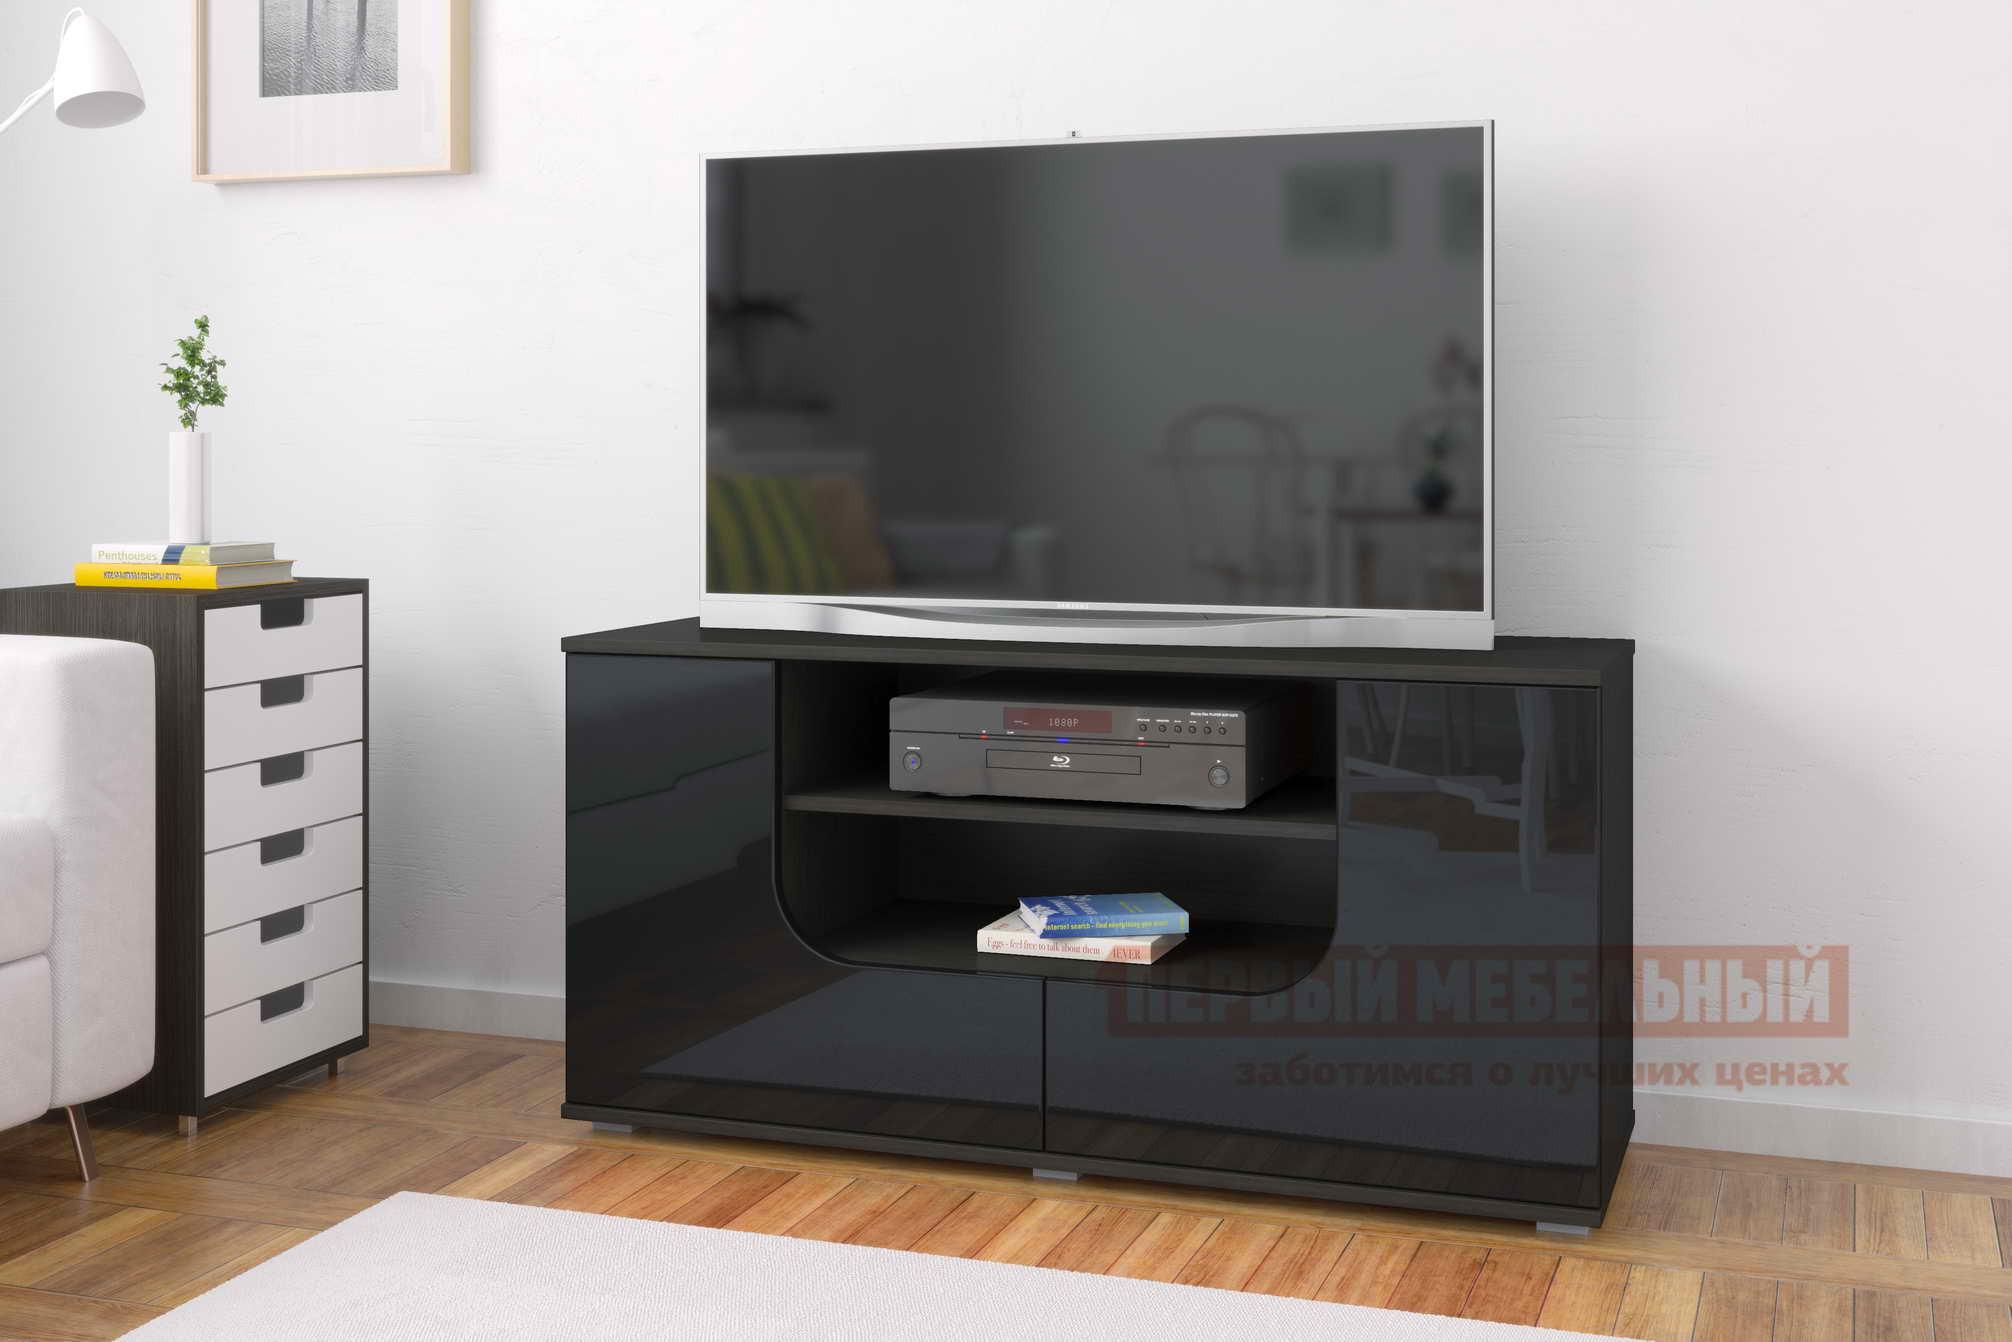 Тумба под телевизор Мебелеф Тумба под ТВ «Мебелеф-4» тумба под телевизор тв 4